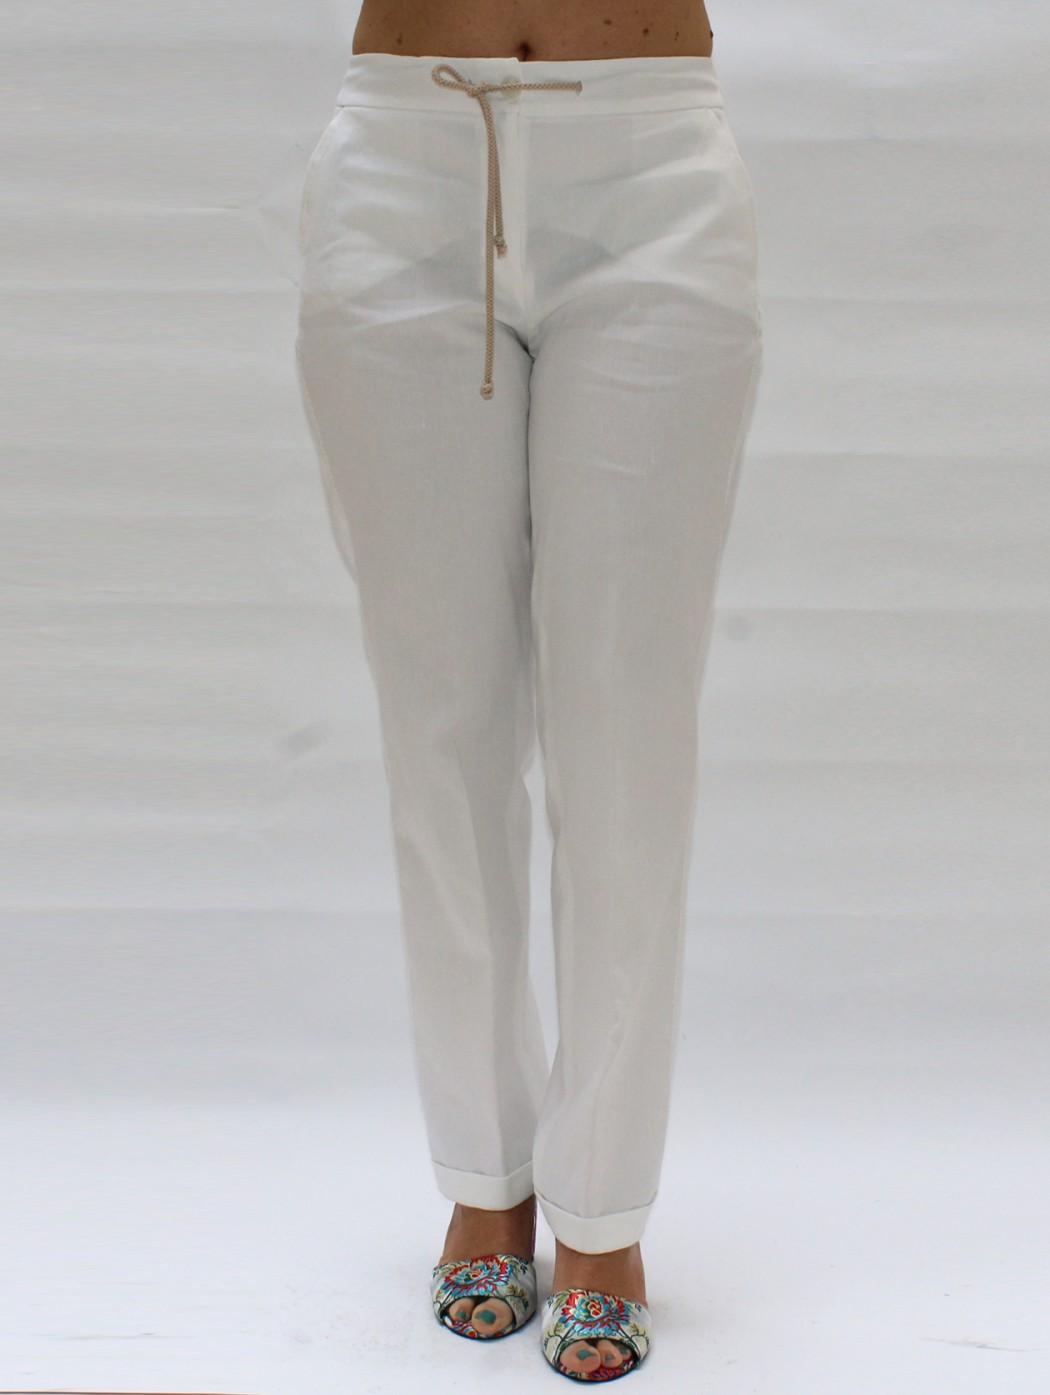 L. Pucci Italian designer...